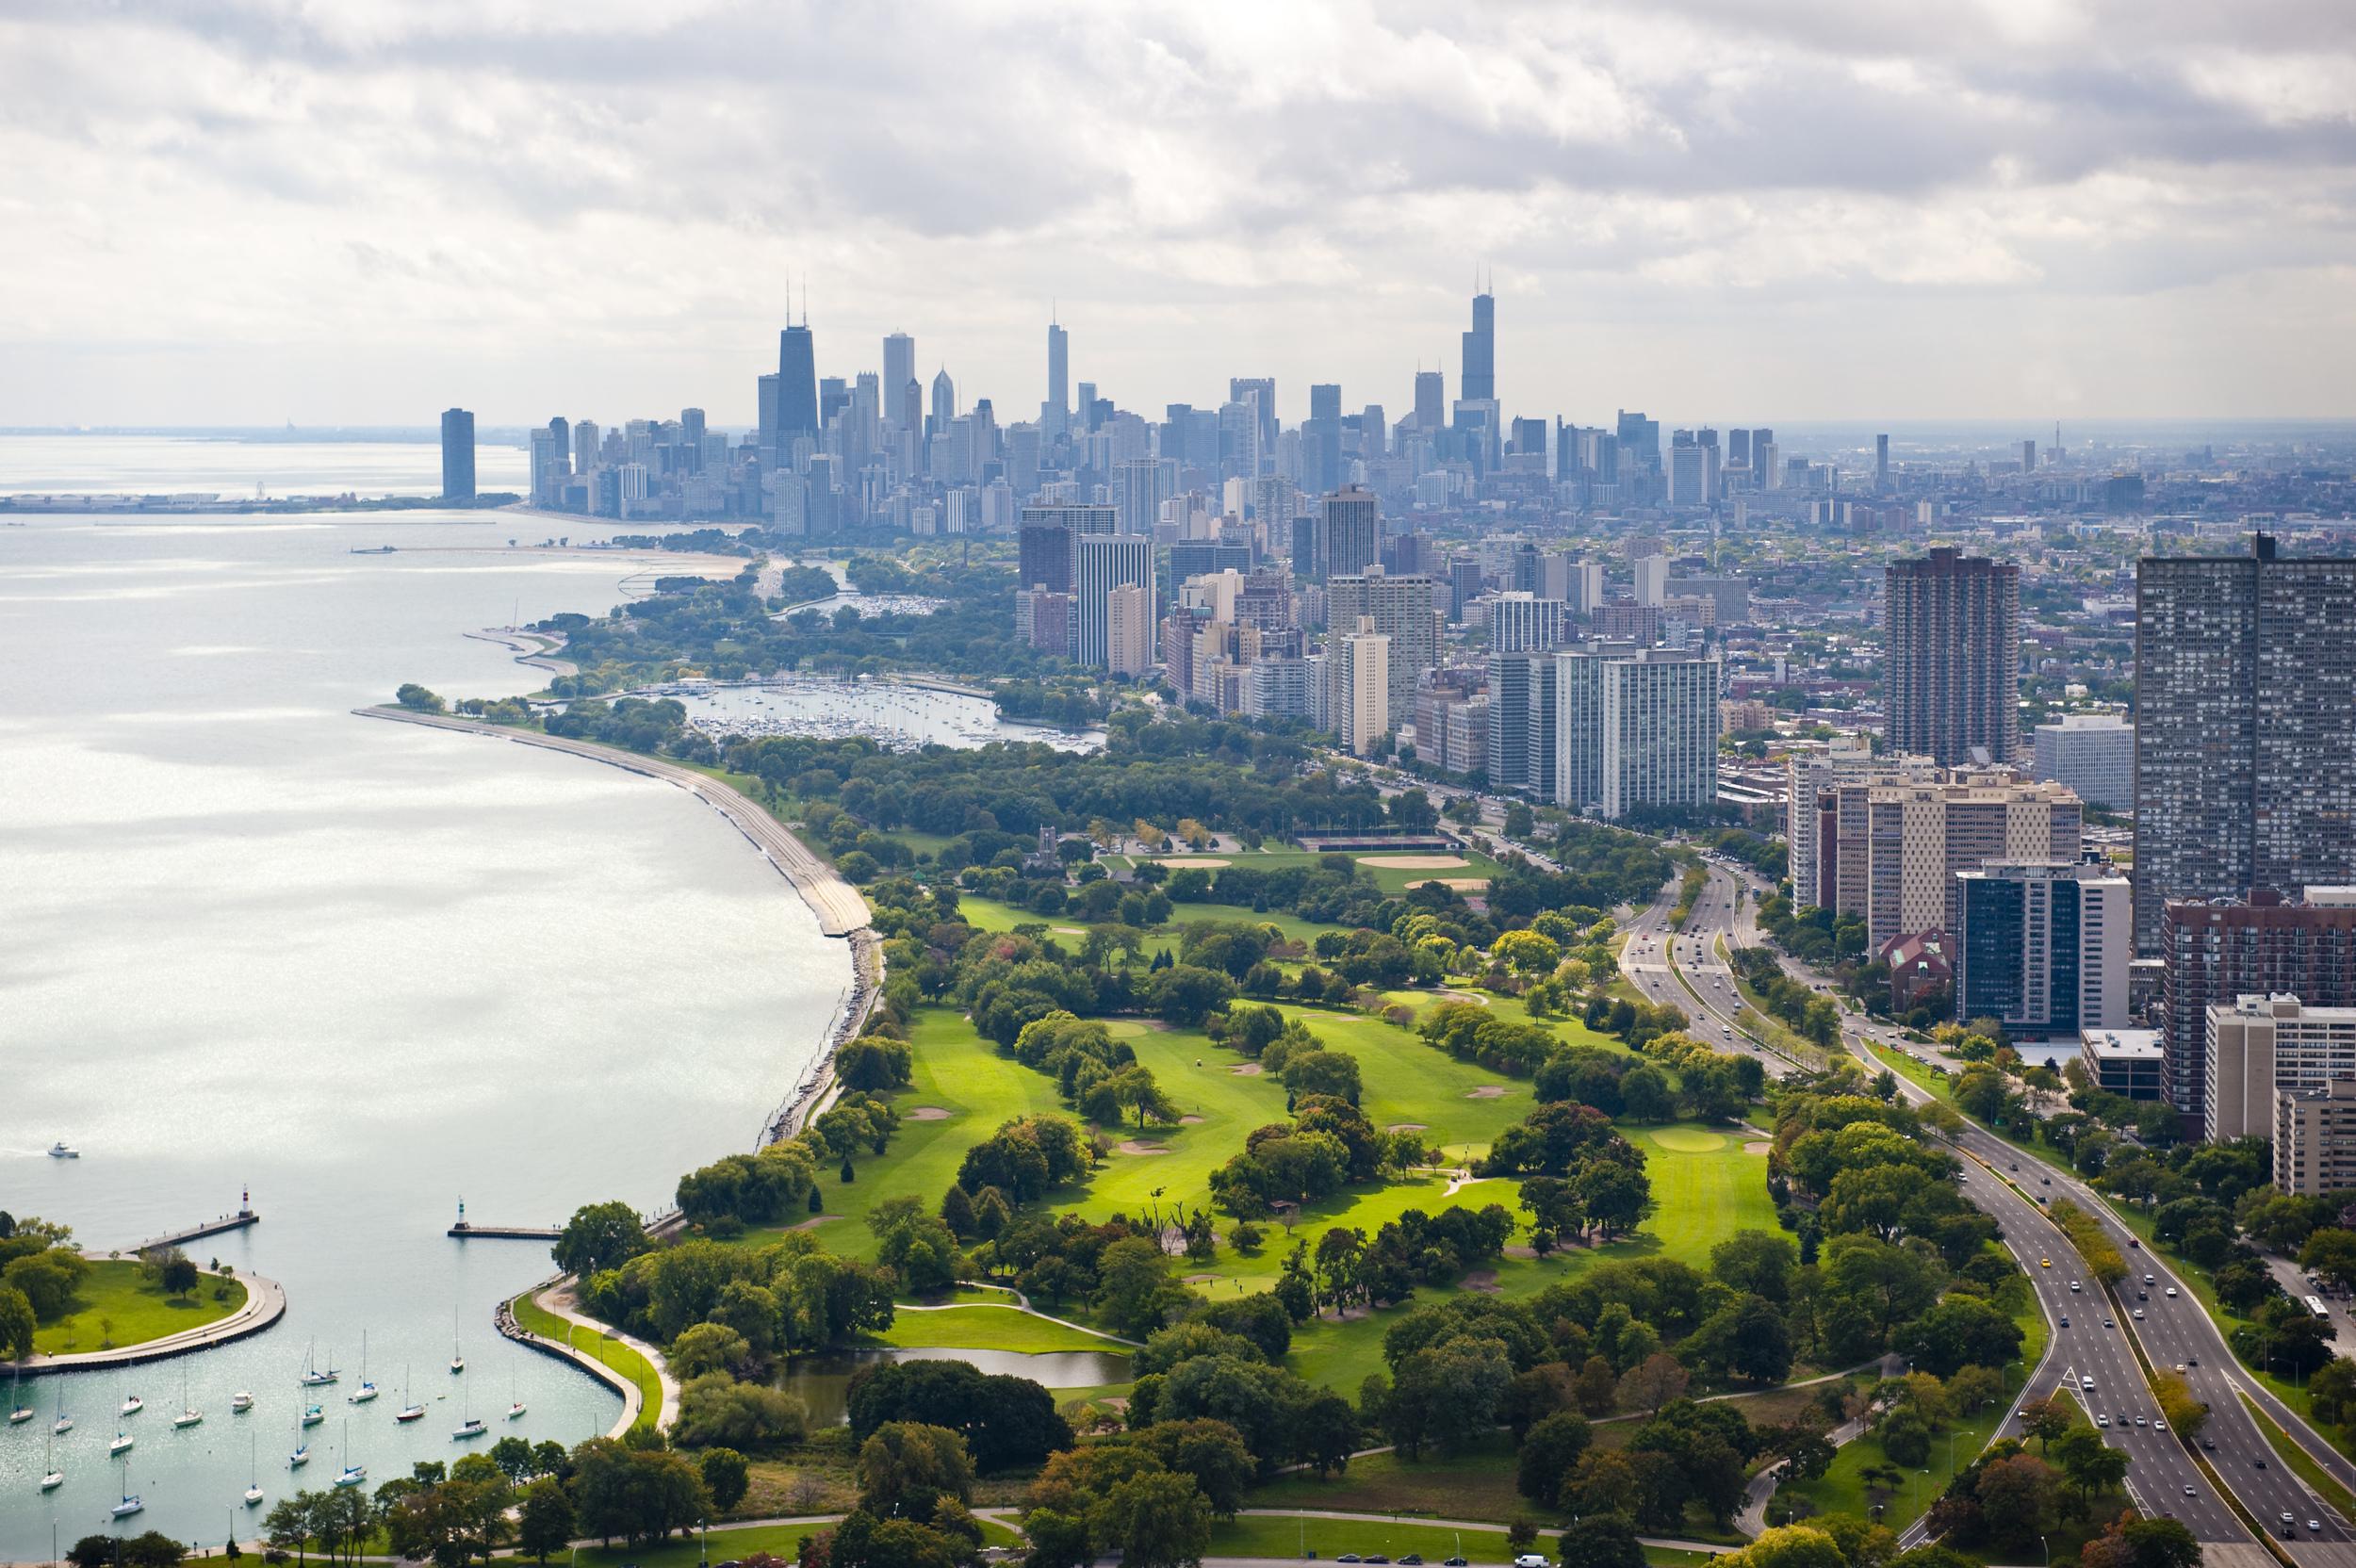 CC_Aerial_City_GolfCourse.jpg